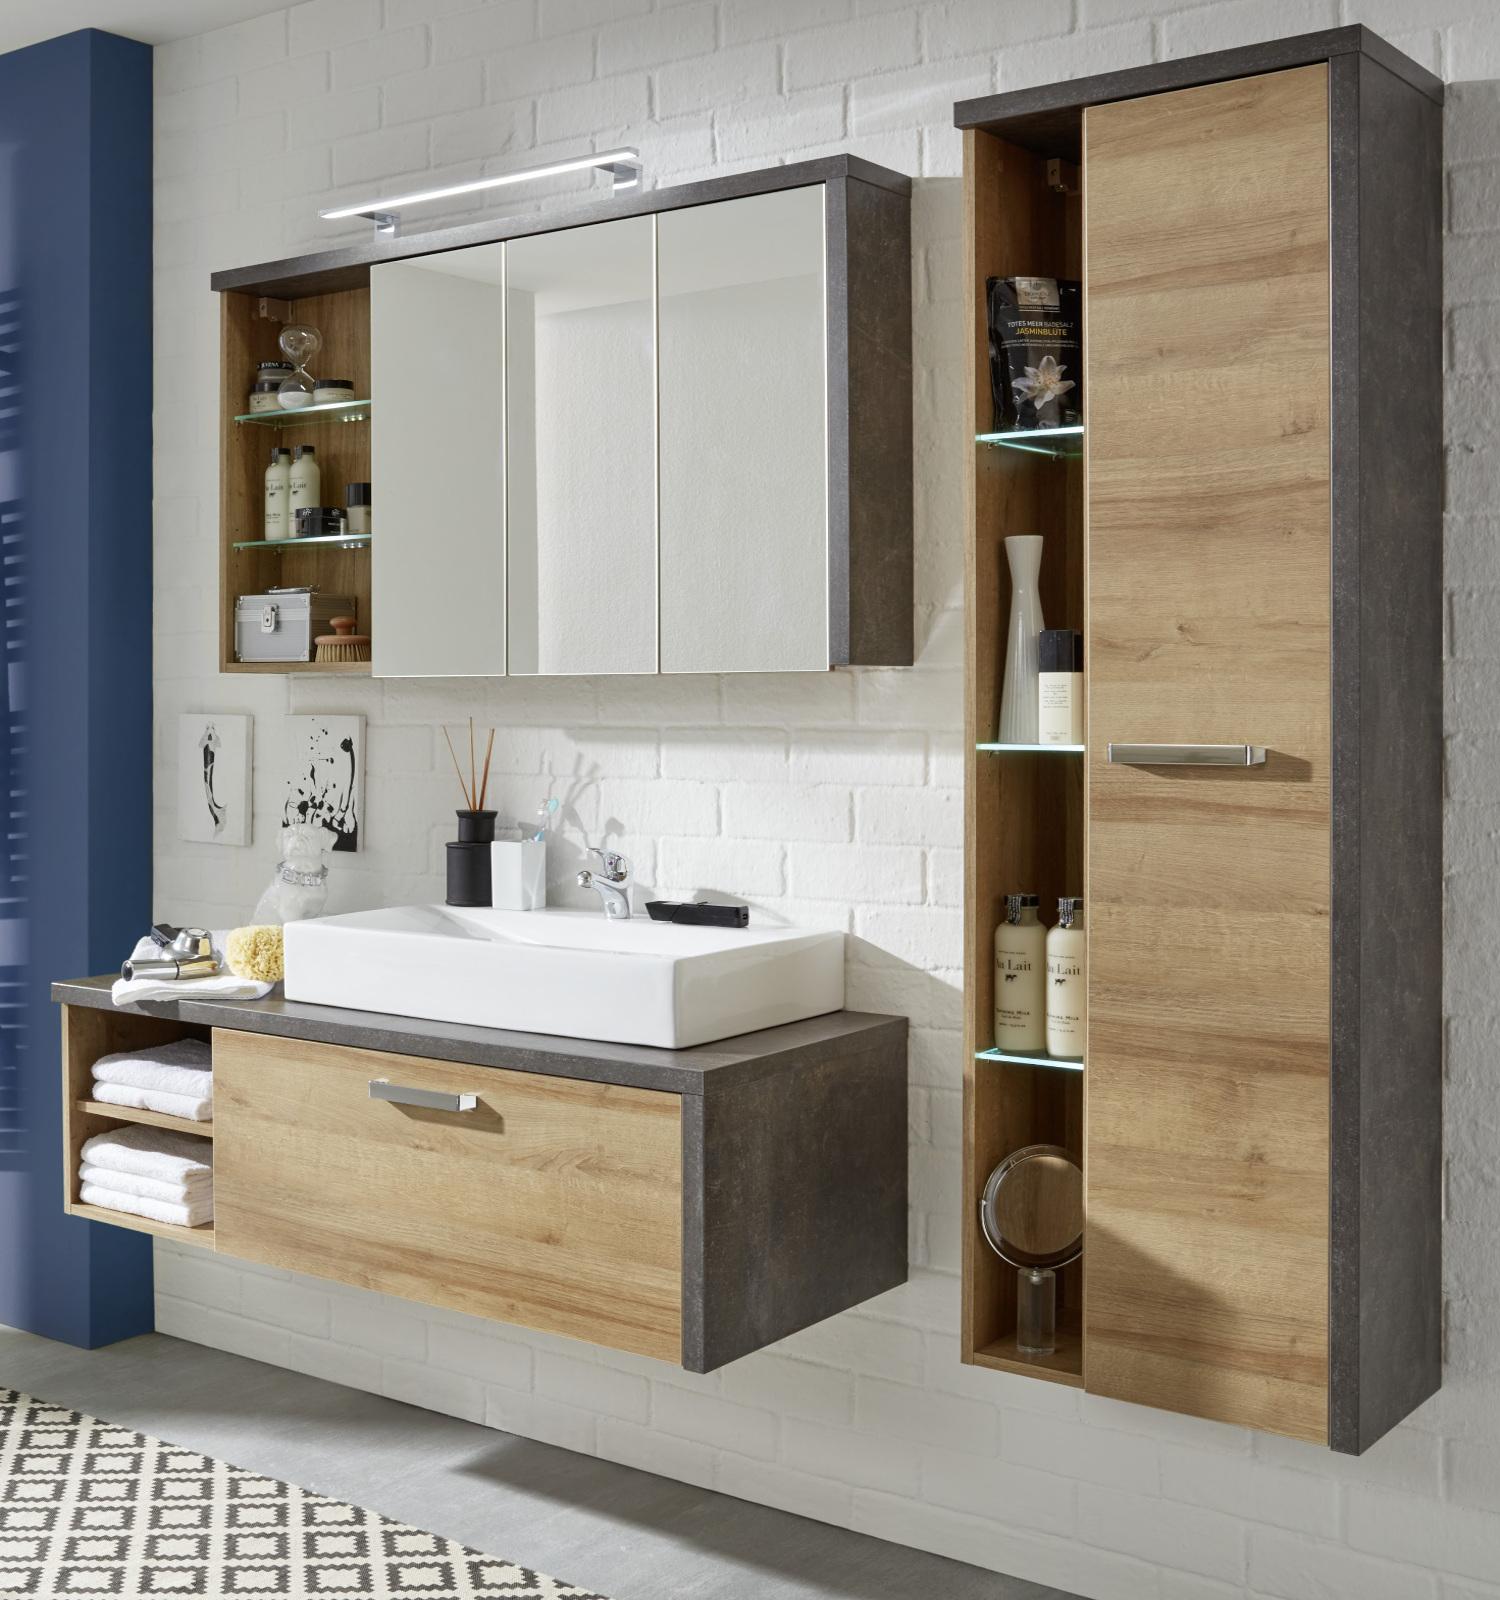 Badezimmermöbel holz grau  Badmöbel komplett Set Eiche Riviera und Beton grau